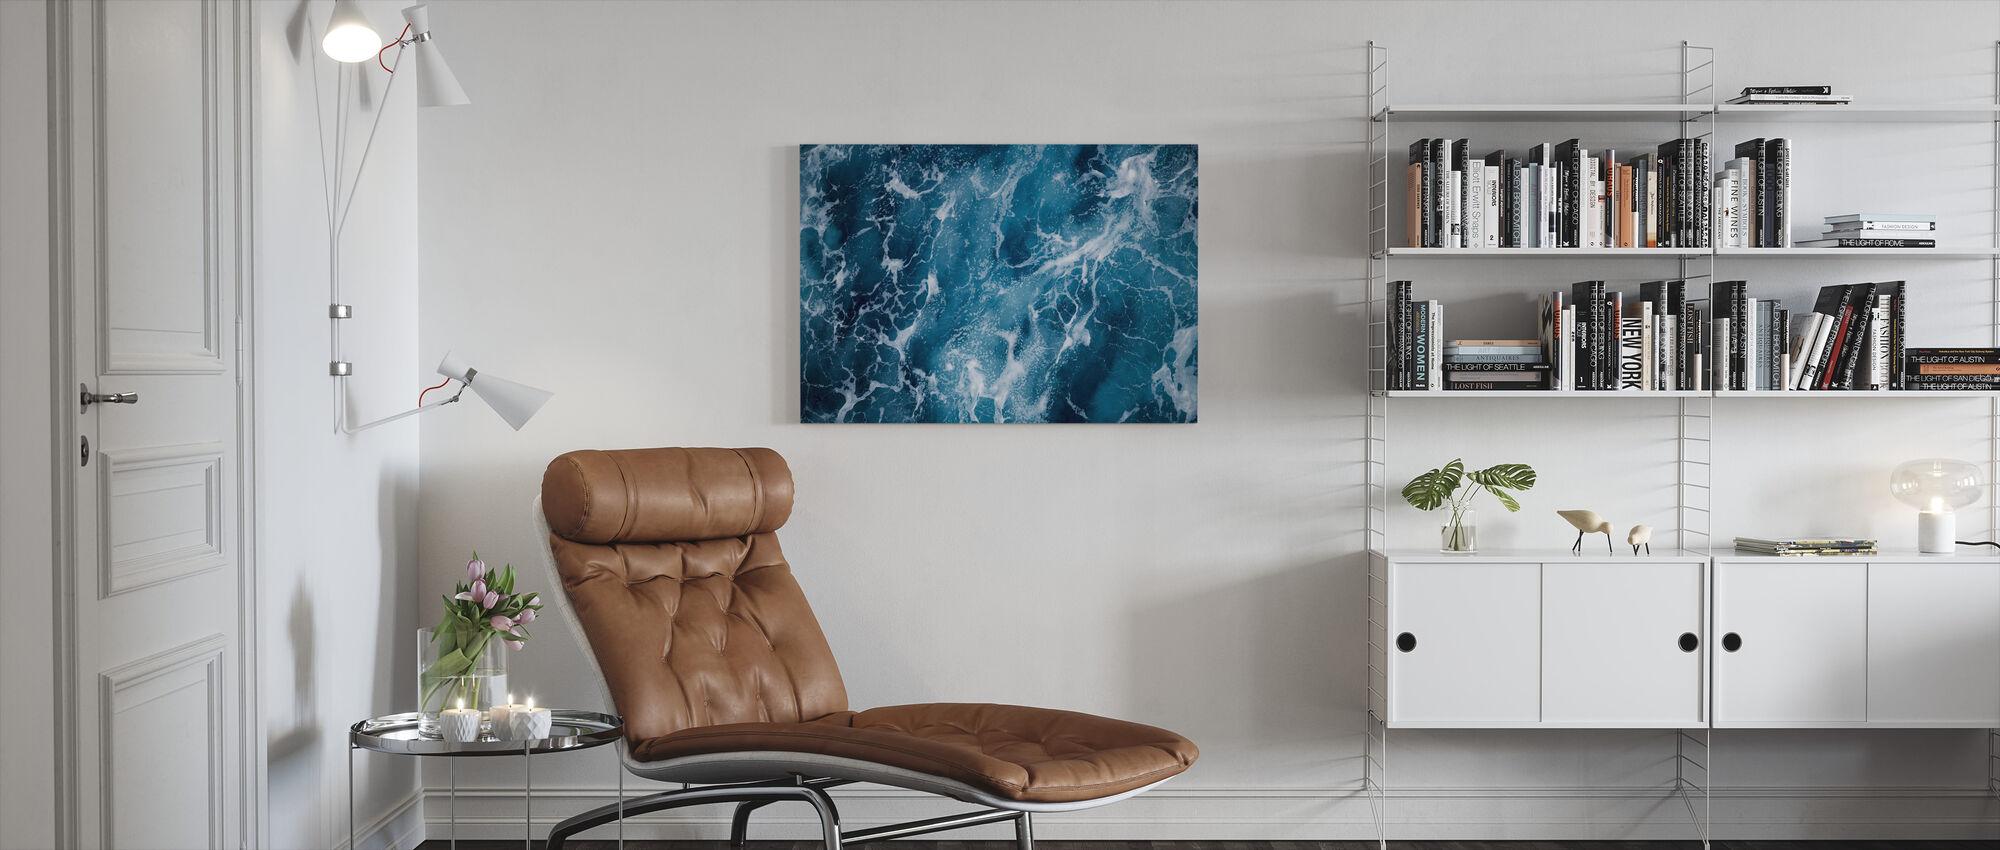 Deep Sea Foaming - Canvas print - Living Room